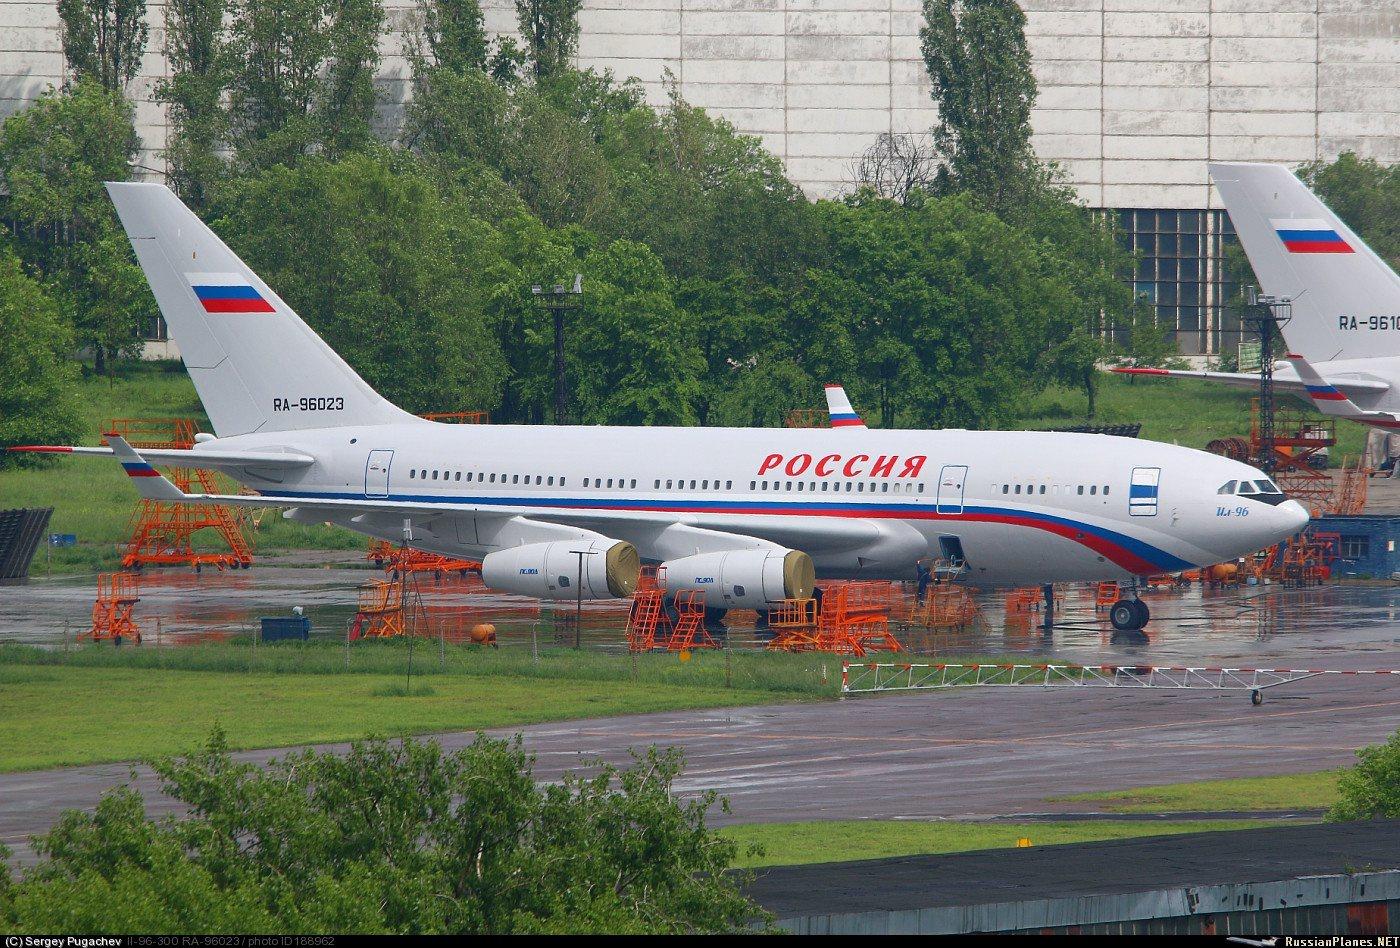 Самолет Ил-96 после модификации превосходит американский Боинг 386